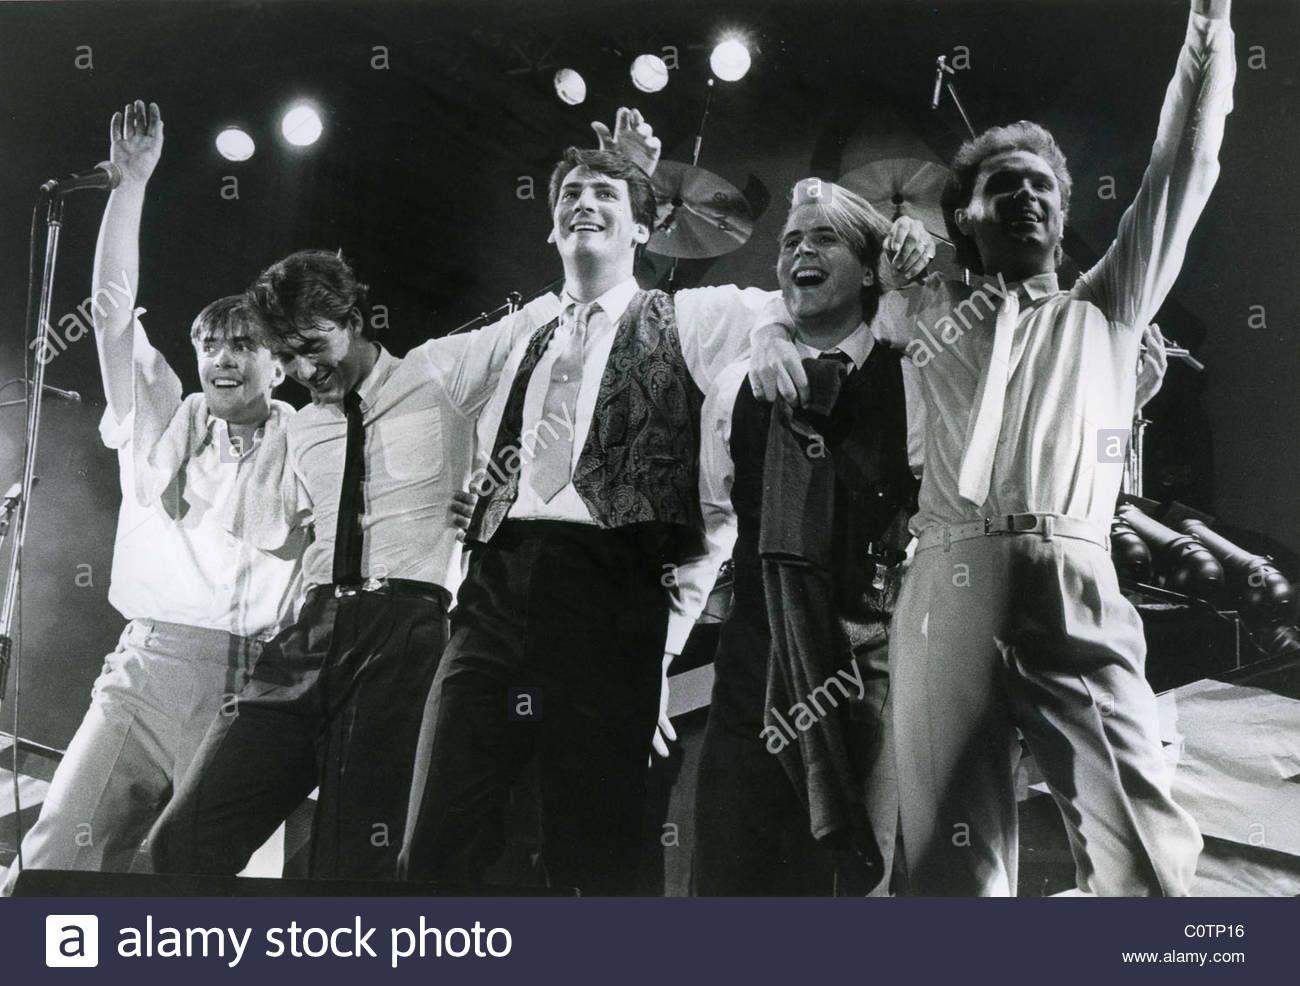 Dieses Stockfoto: SPANDAU BALLET - UK pop group about 1992 - c0tp16 aus der Alamy-Bibliothek mit Millionen von Stockfotos, Illustrationen und Vektorgrafiken in hoher Auflösung herunterladen.